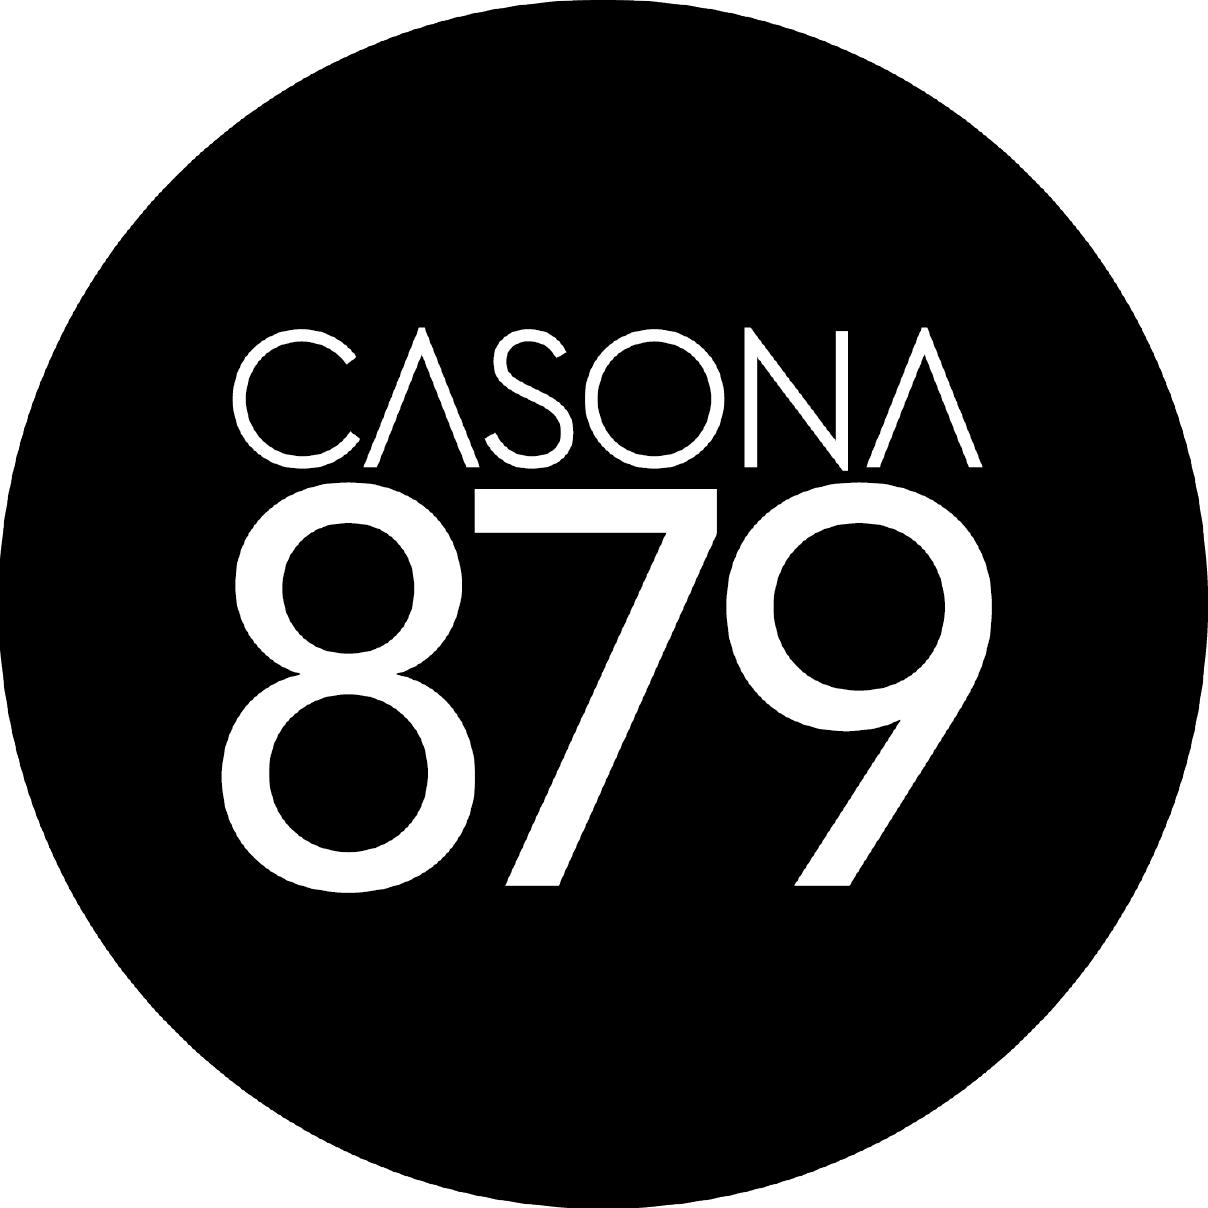 CASONA 879 logo